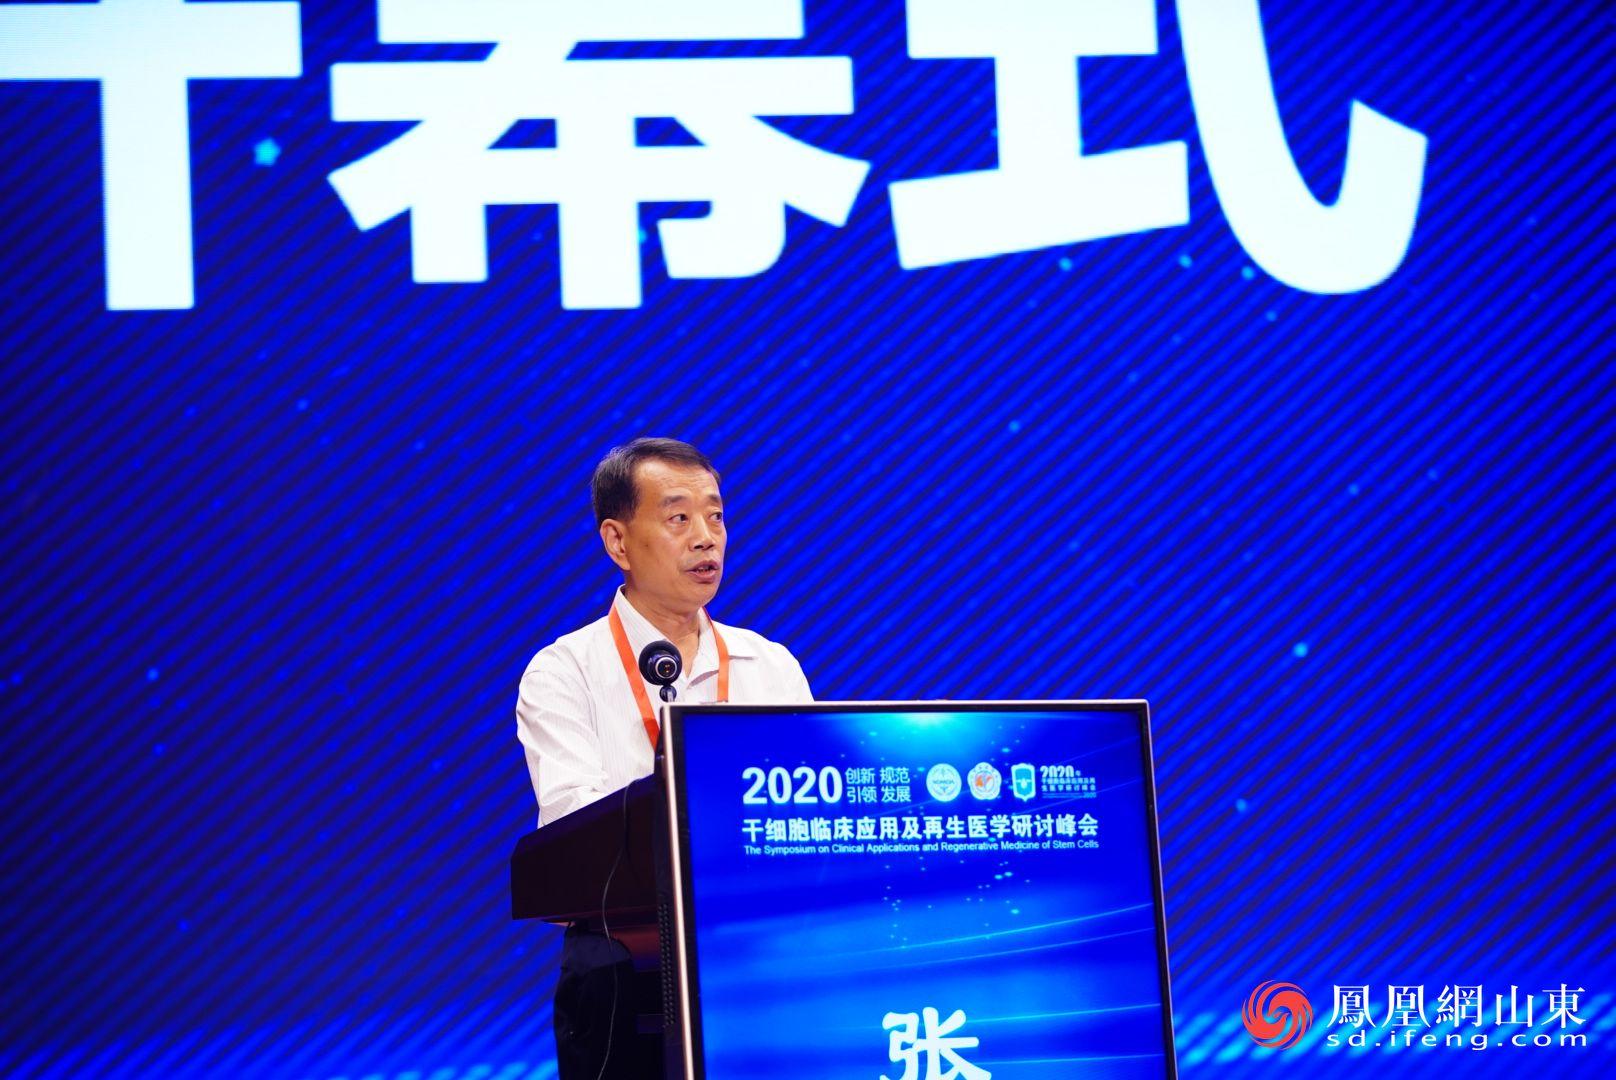 山东省医学会秘书长张林:发挥学会的桥梁纽带作用,推动干细胞行业发展